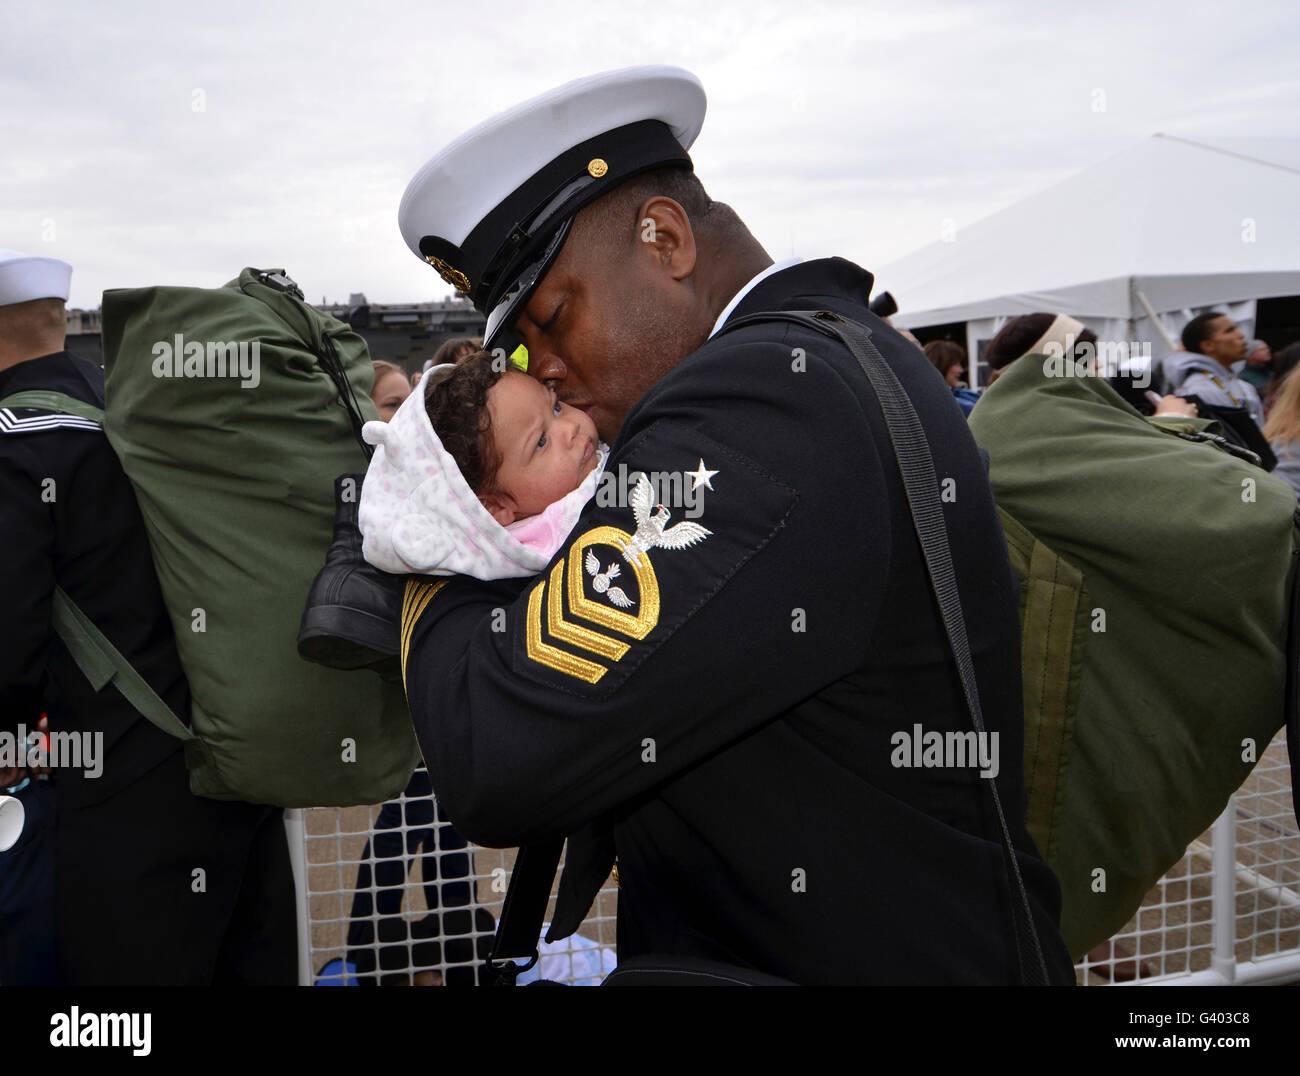 La aviación Ordnanceman besa a su hija recién nacida durante el regreso a casa. Imagen De Stock